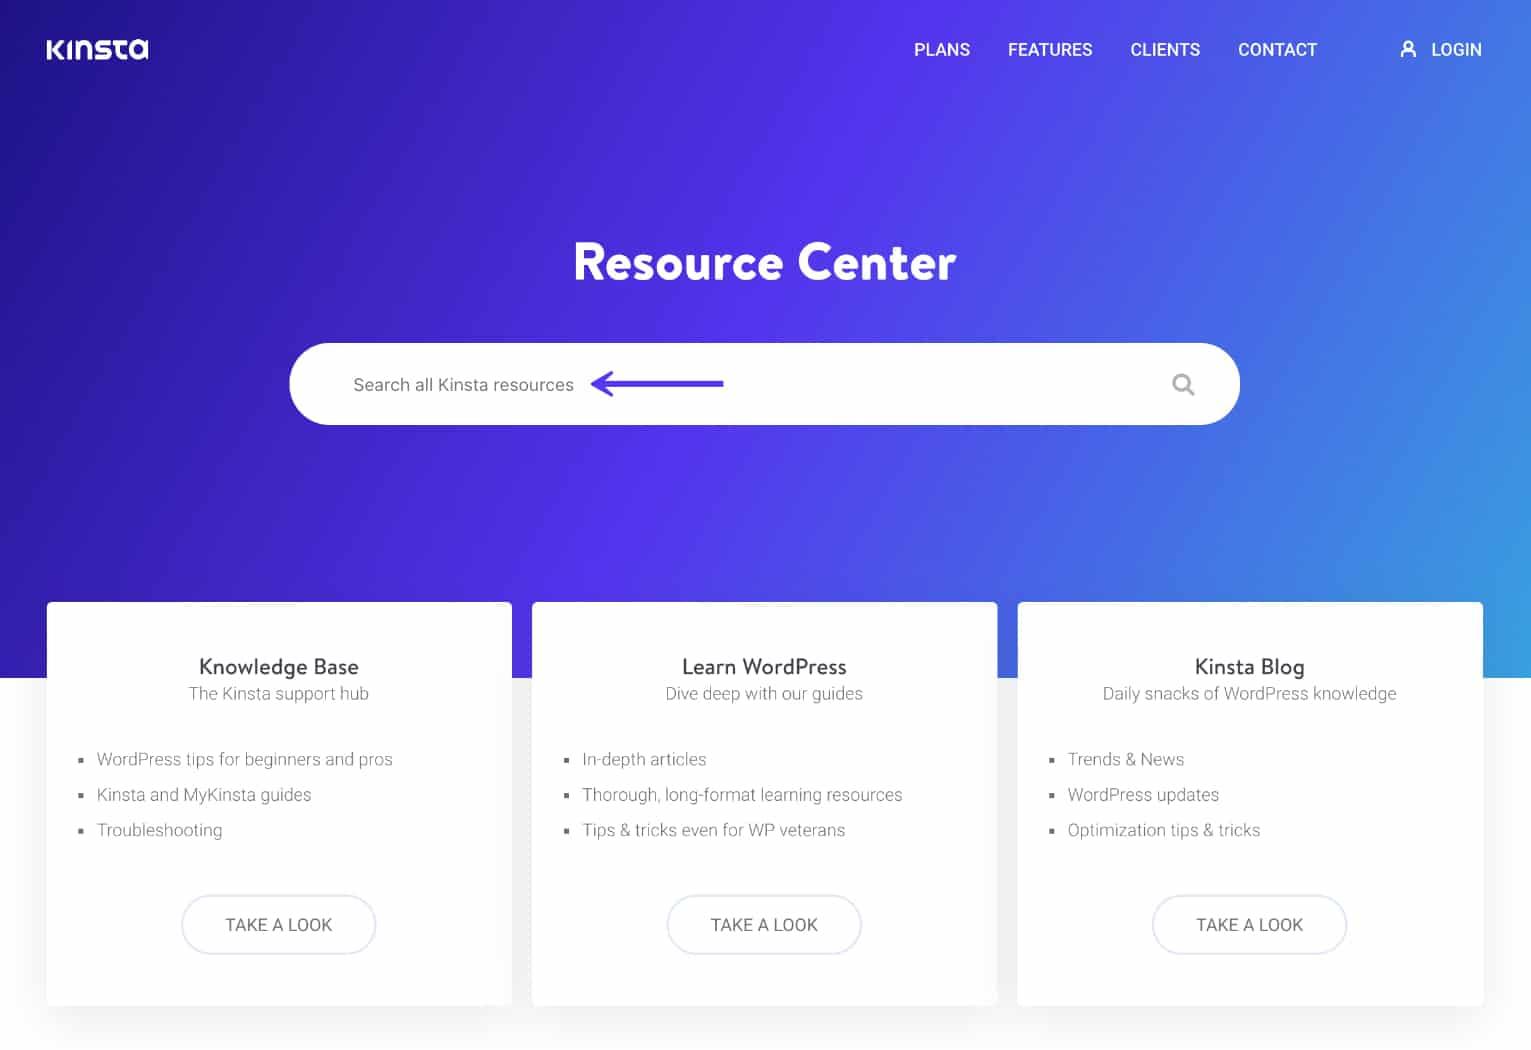 Kinsta Resource Center-søgning